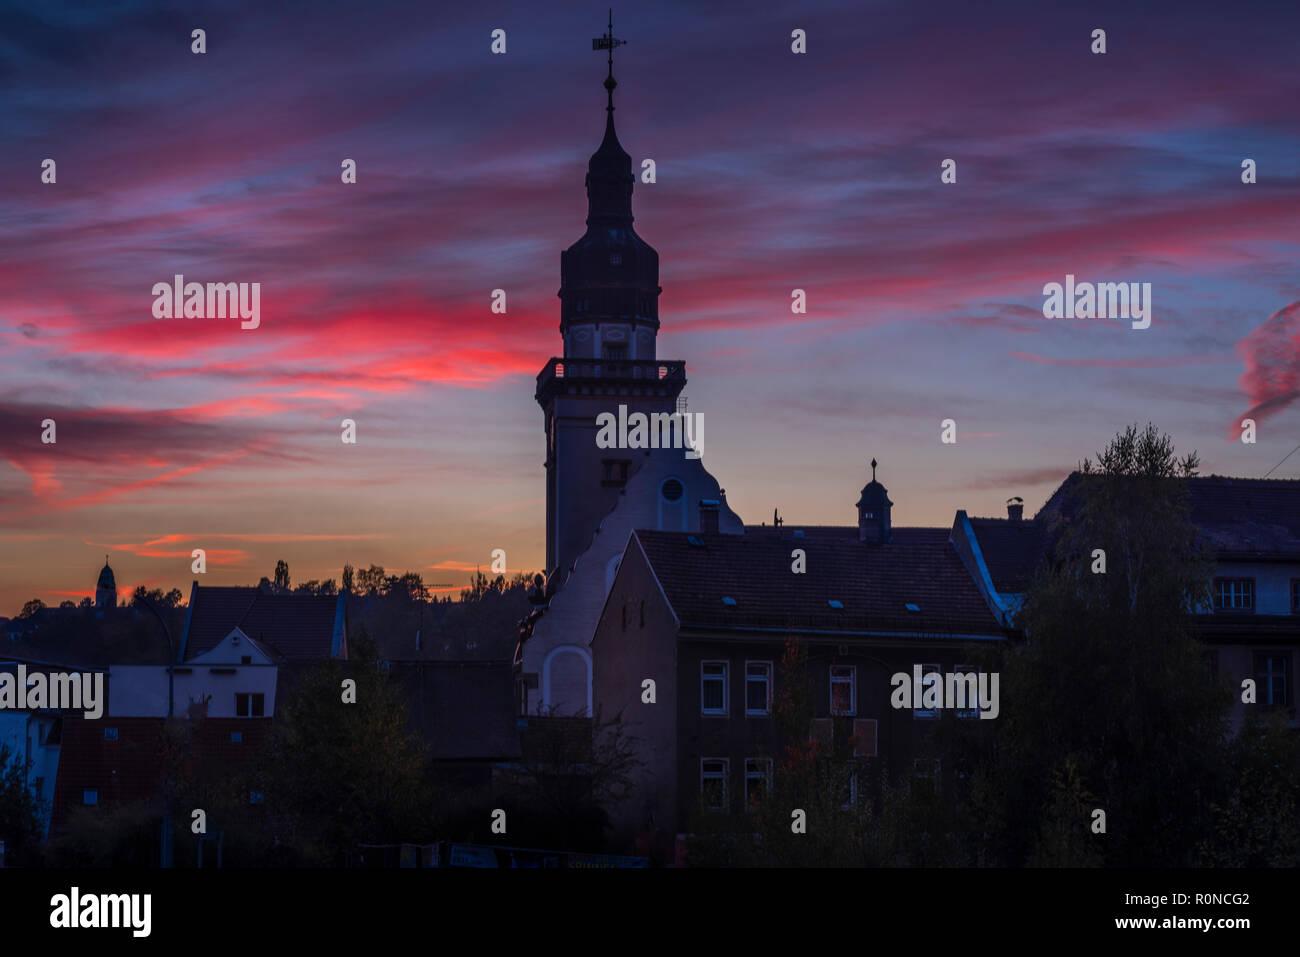 Werdau, Rathaus im Sonnenuntergang, blaue Stunde, Sachsen - Stock Image